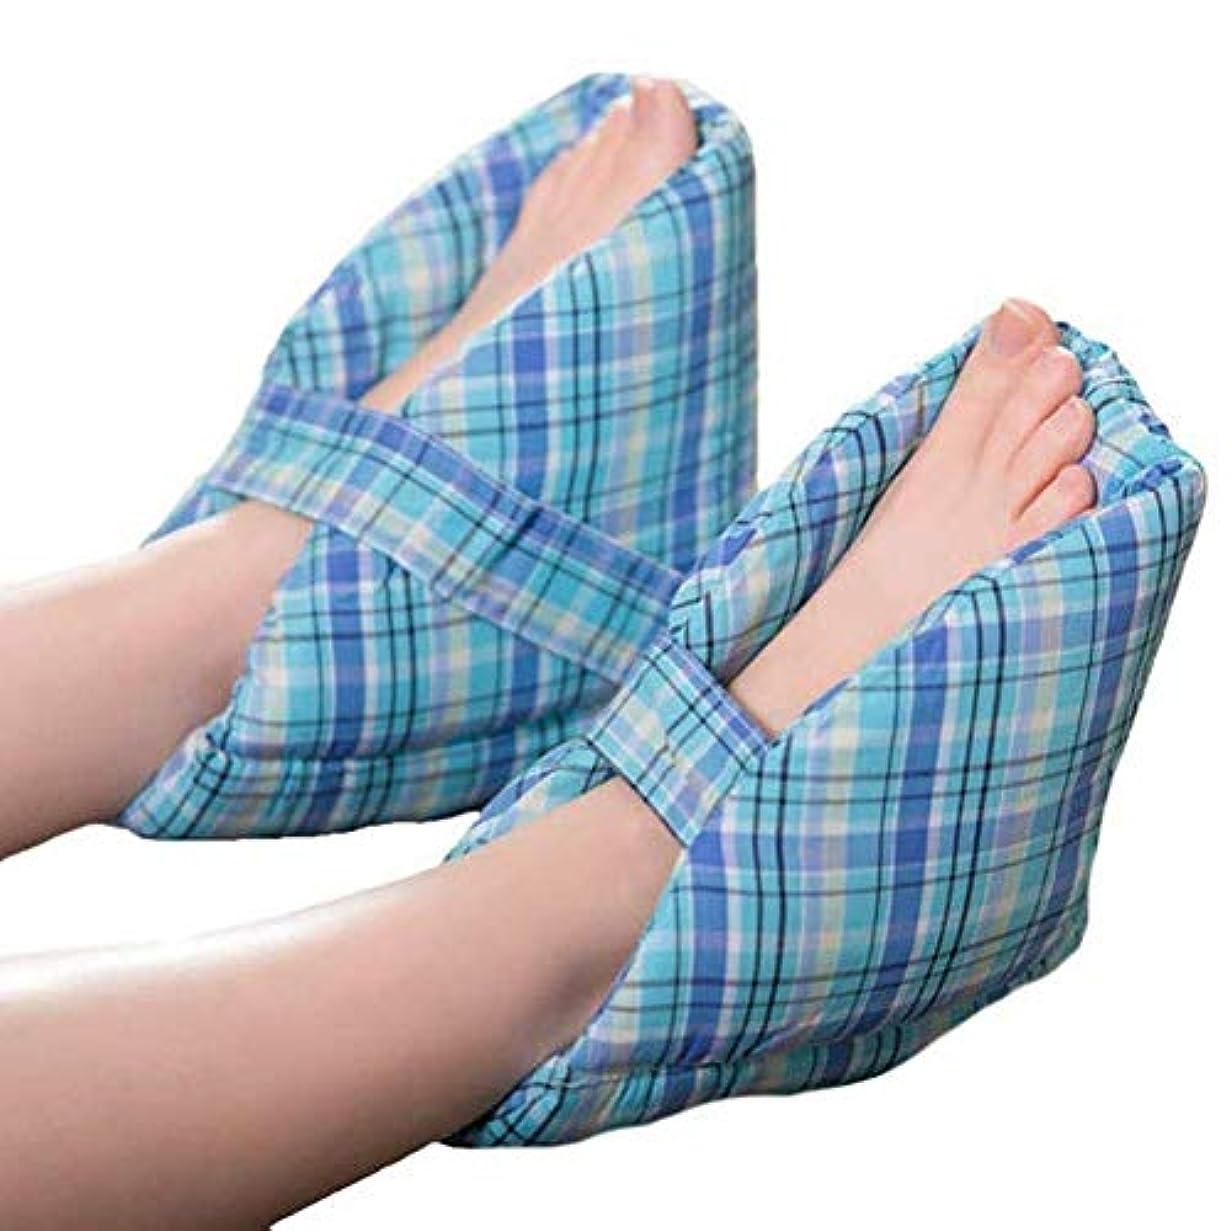 エキスパート強風思想かかとプロテクター柔らかく快適な履き心地により、足の枕、かかとのクッション、かかとの保護、1ペアが見つかります